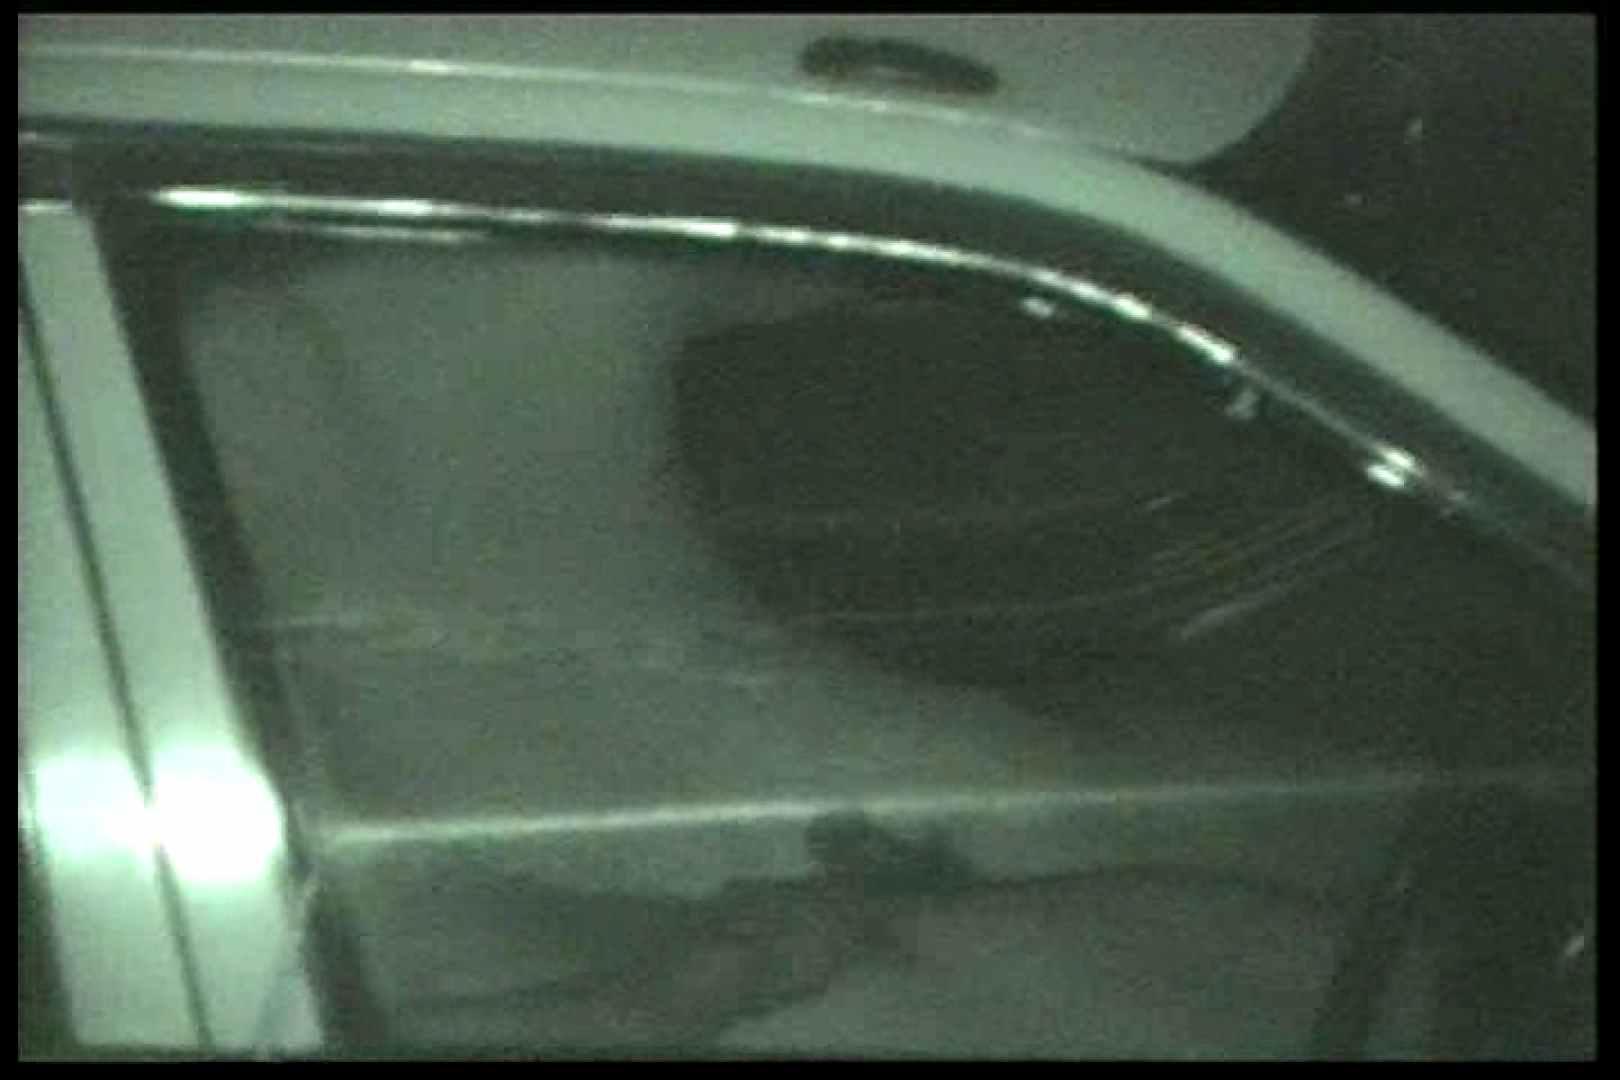 車の中はラブホテル 無修正版  Vol.15 手マン 覗きオメコ動画キャプチャ 89pic 11